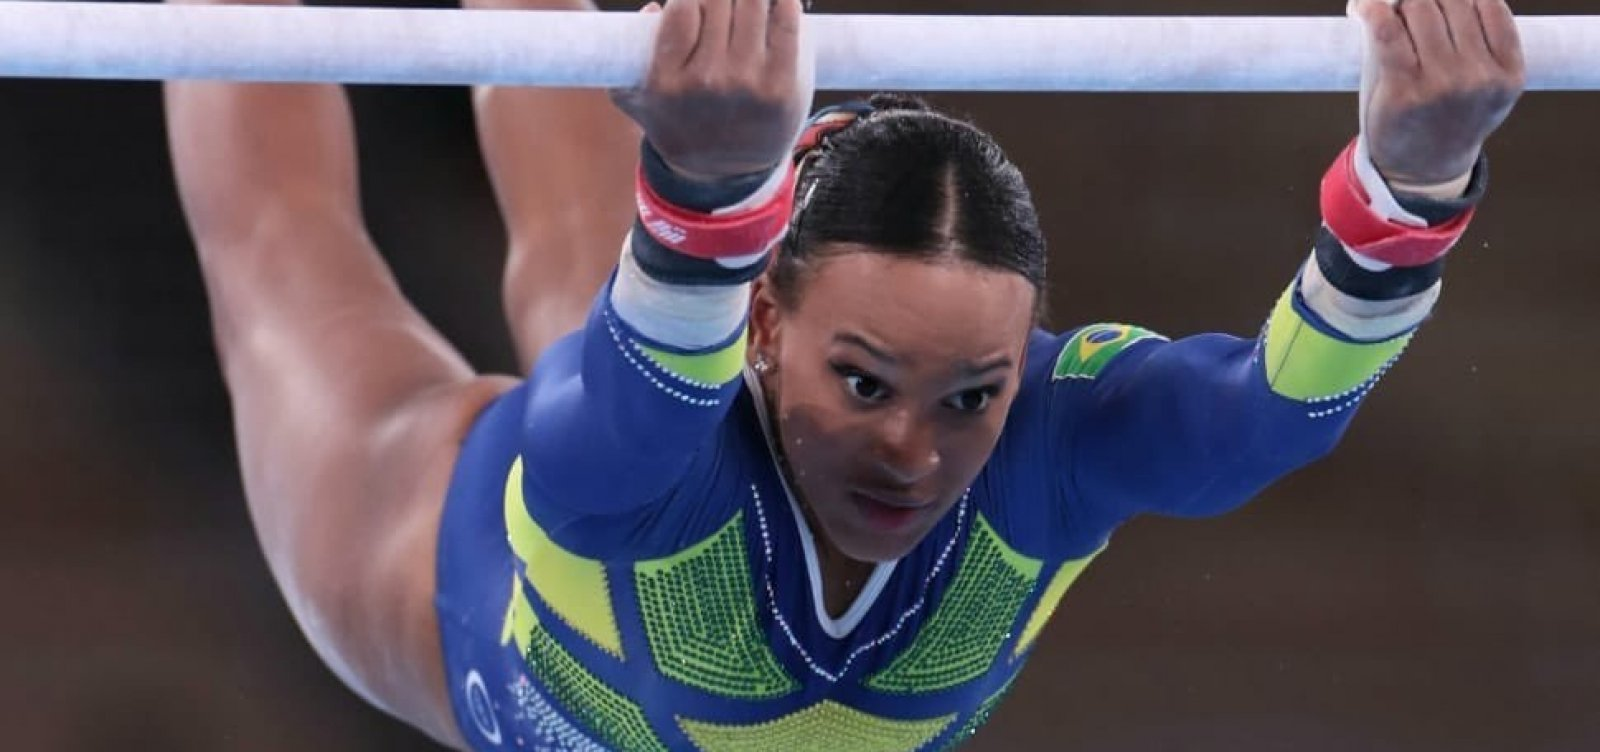 Jogos Olímpicos: domingo começa com chance de medalha para o Brasil na ginástica e no boxe